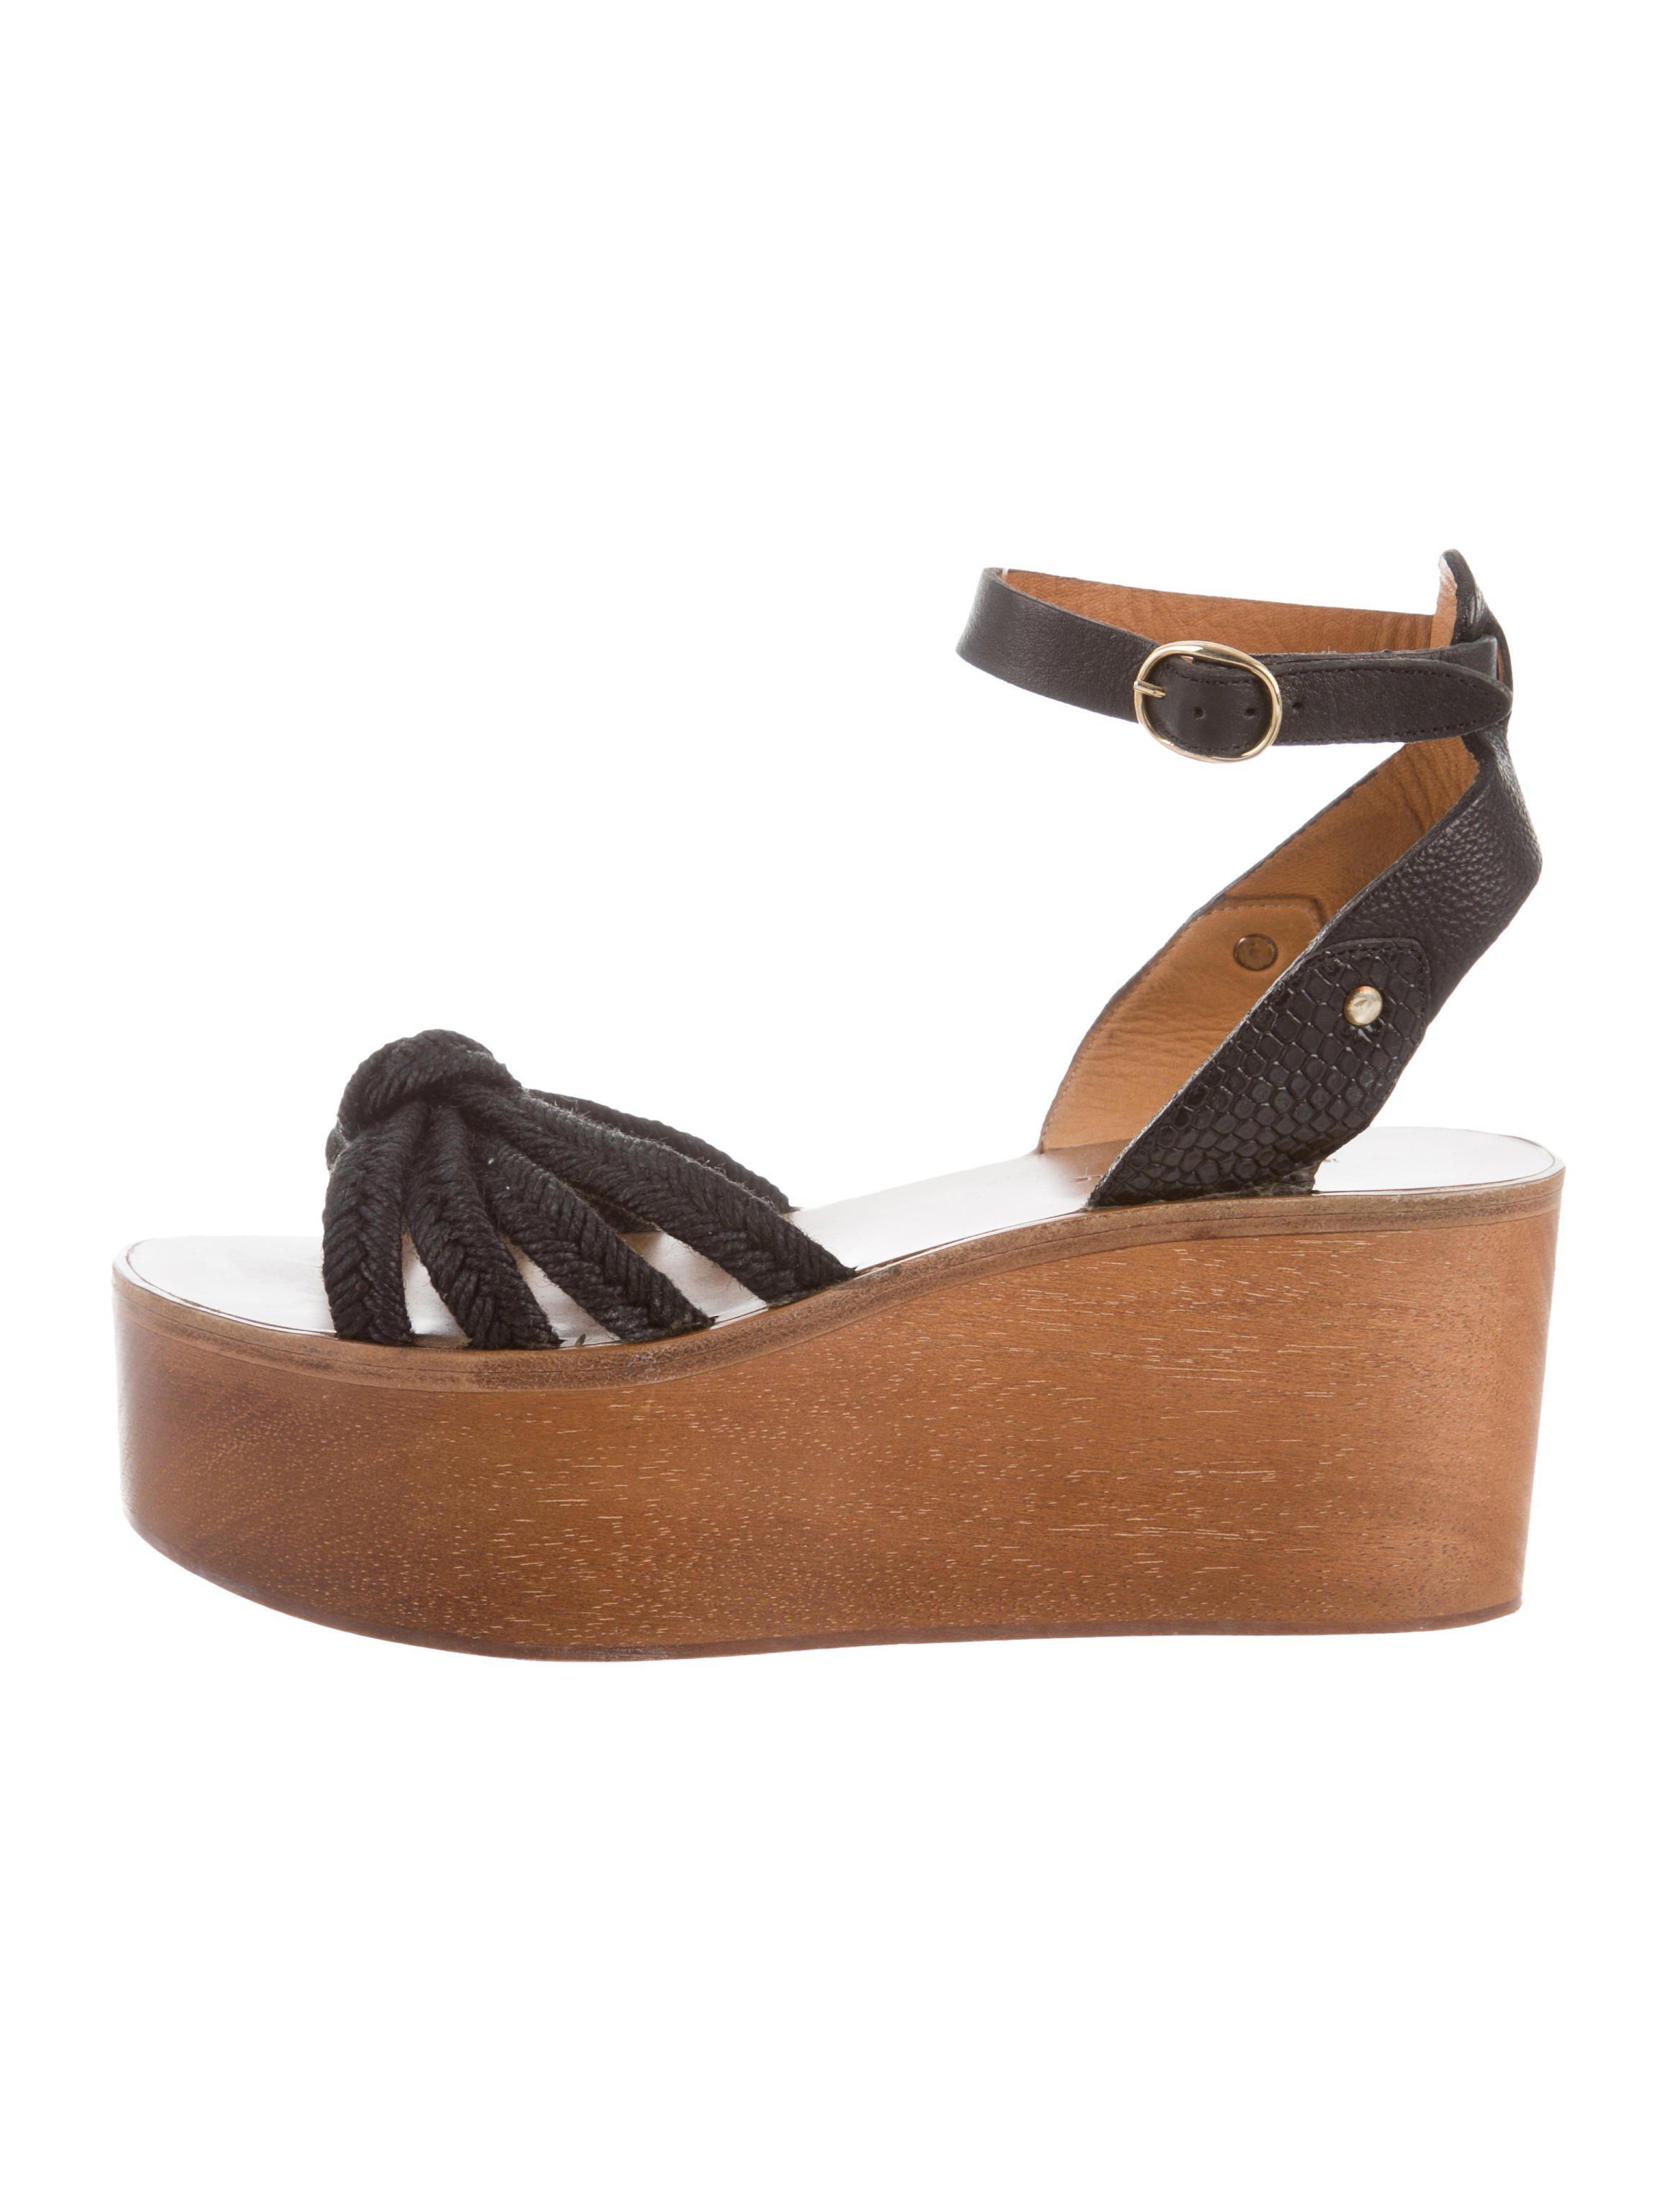 1d1d51046d3 Lyst - Étoile Isabel Marant Platform Wedge Sandals in Black